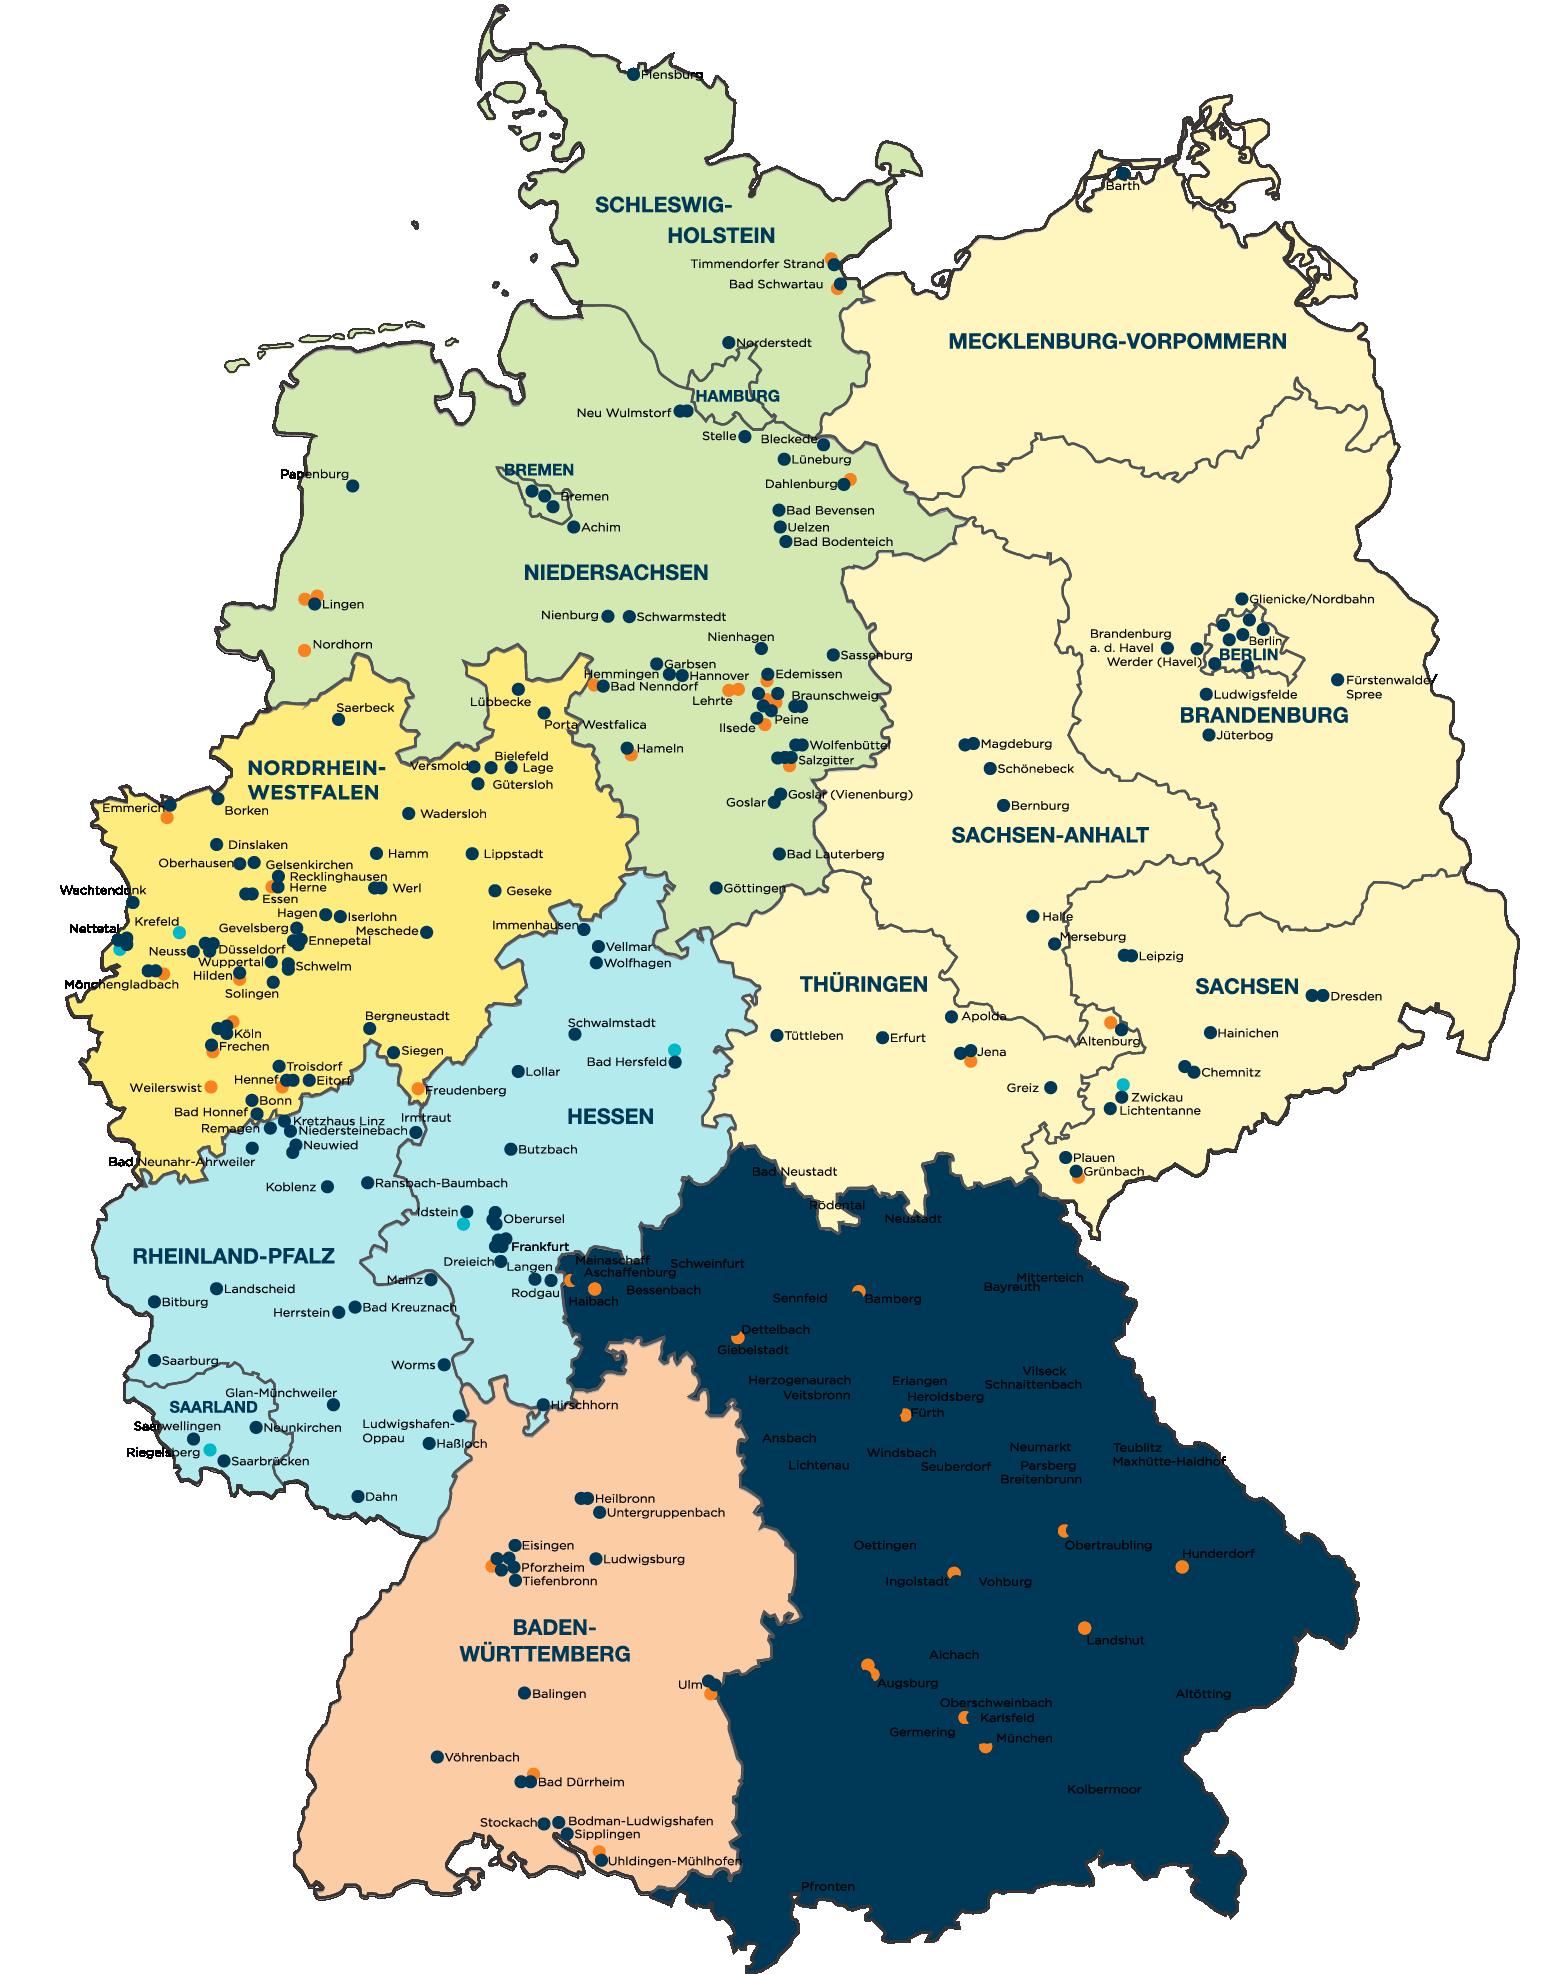 Karte-der-Einrichtungen_ohne_Fotos_3